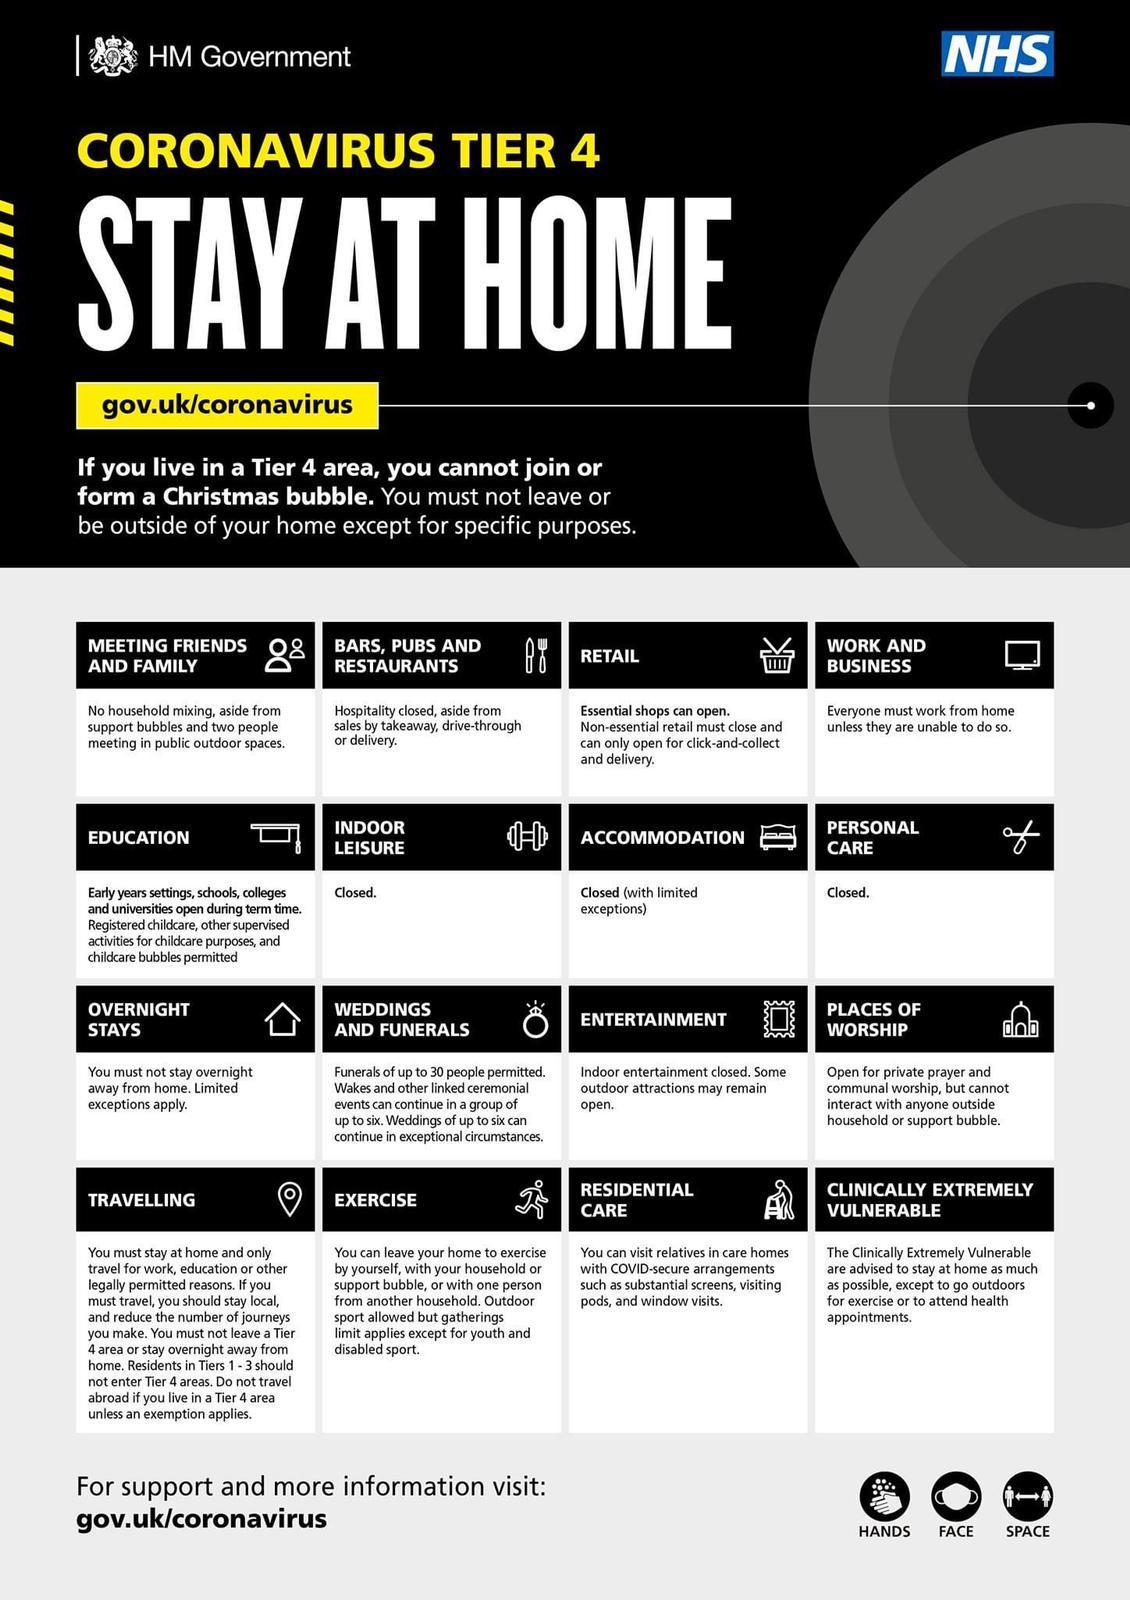 Coronavirus Tier 4 - Stay at Home